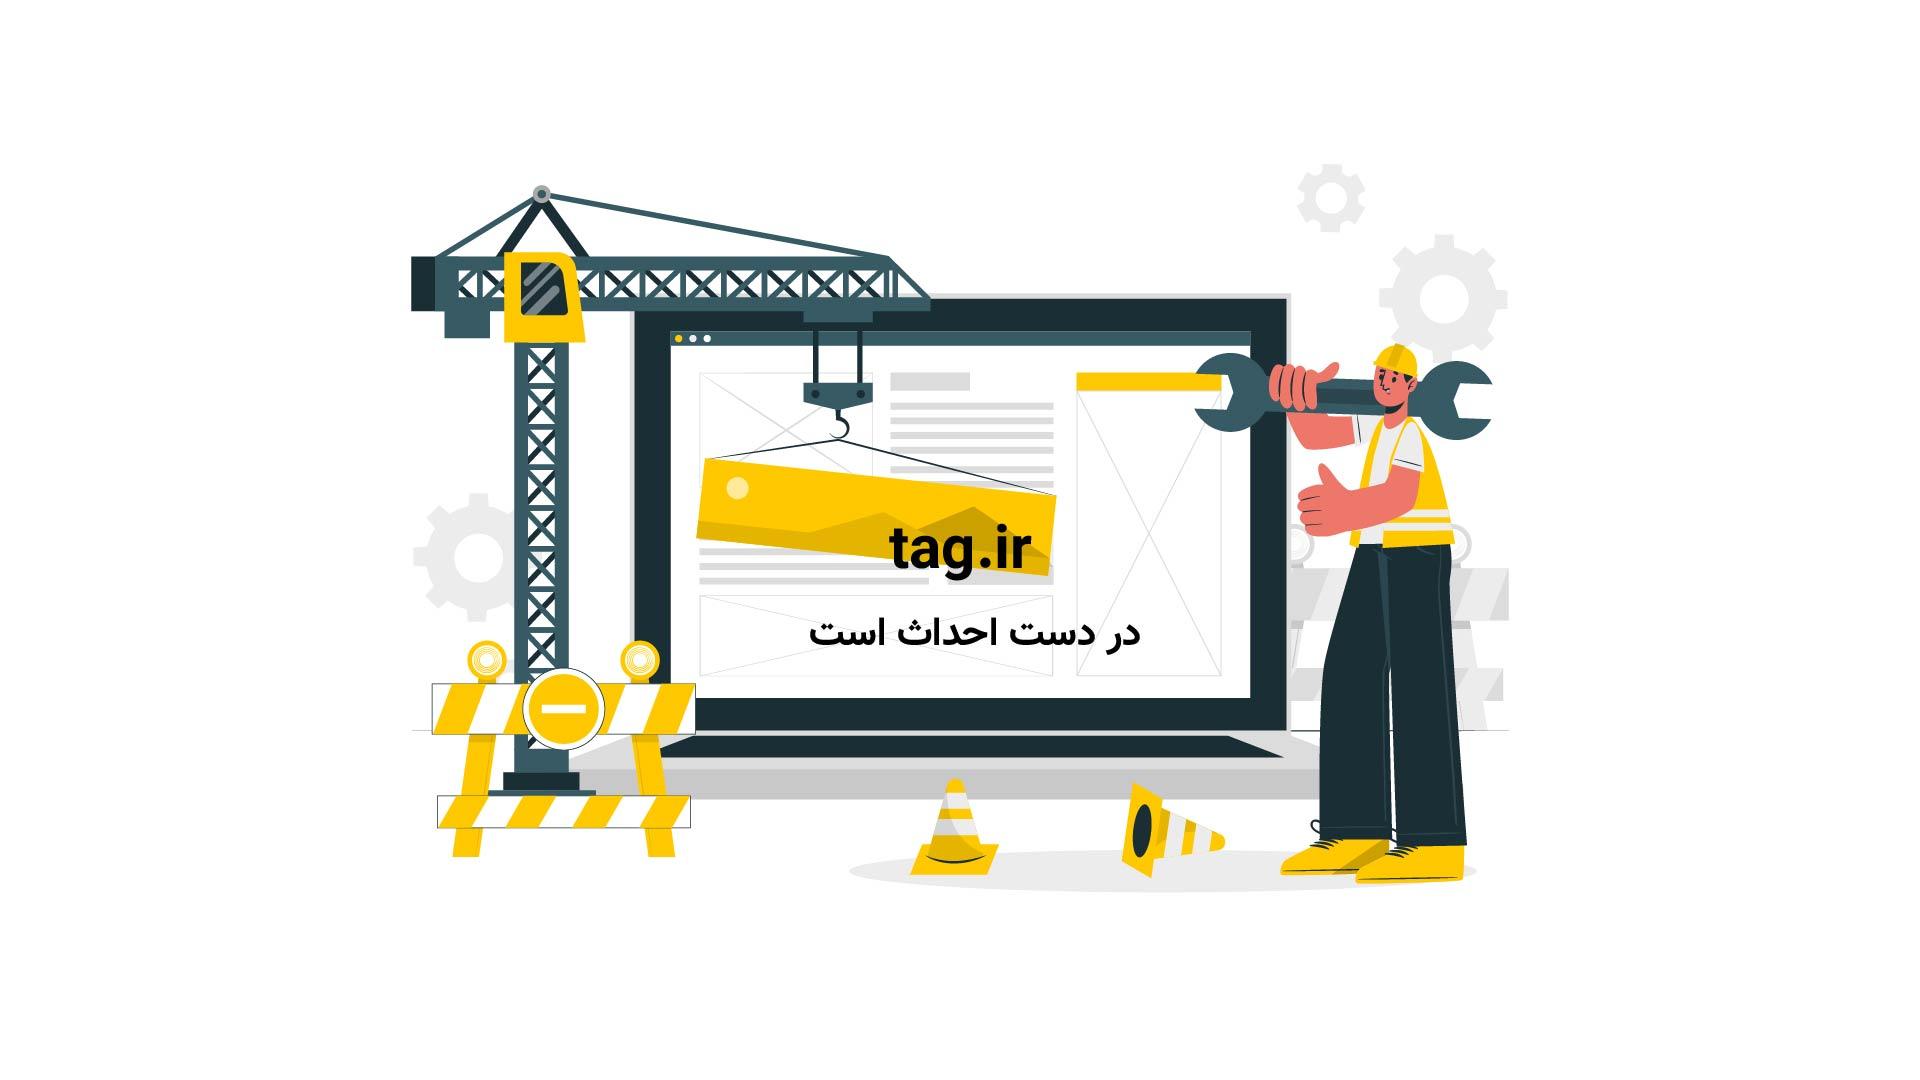 جشنواره ملی اسباب بازی | تگ